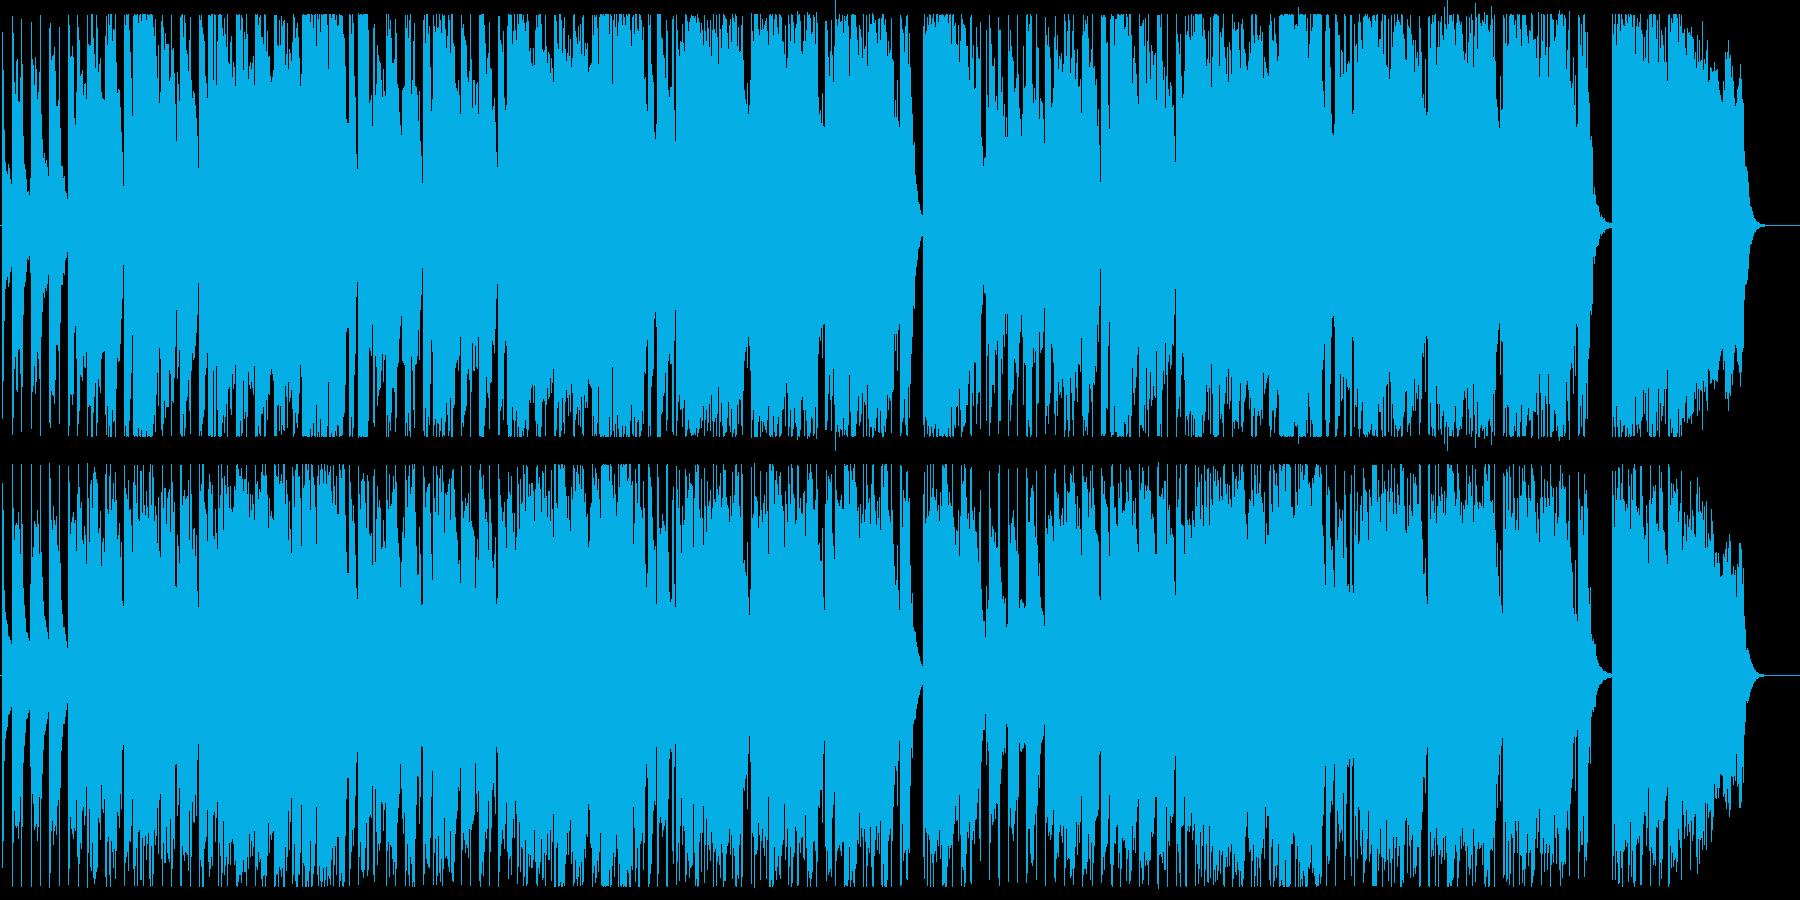 メルヘンで明るい楽器混じりのポップな曲の再生済みの波形